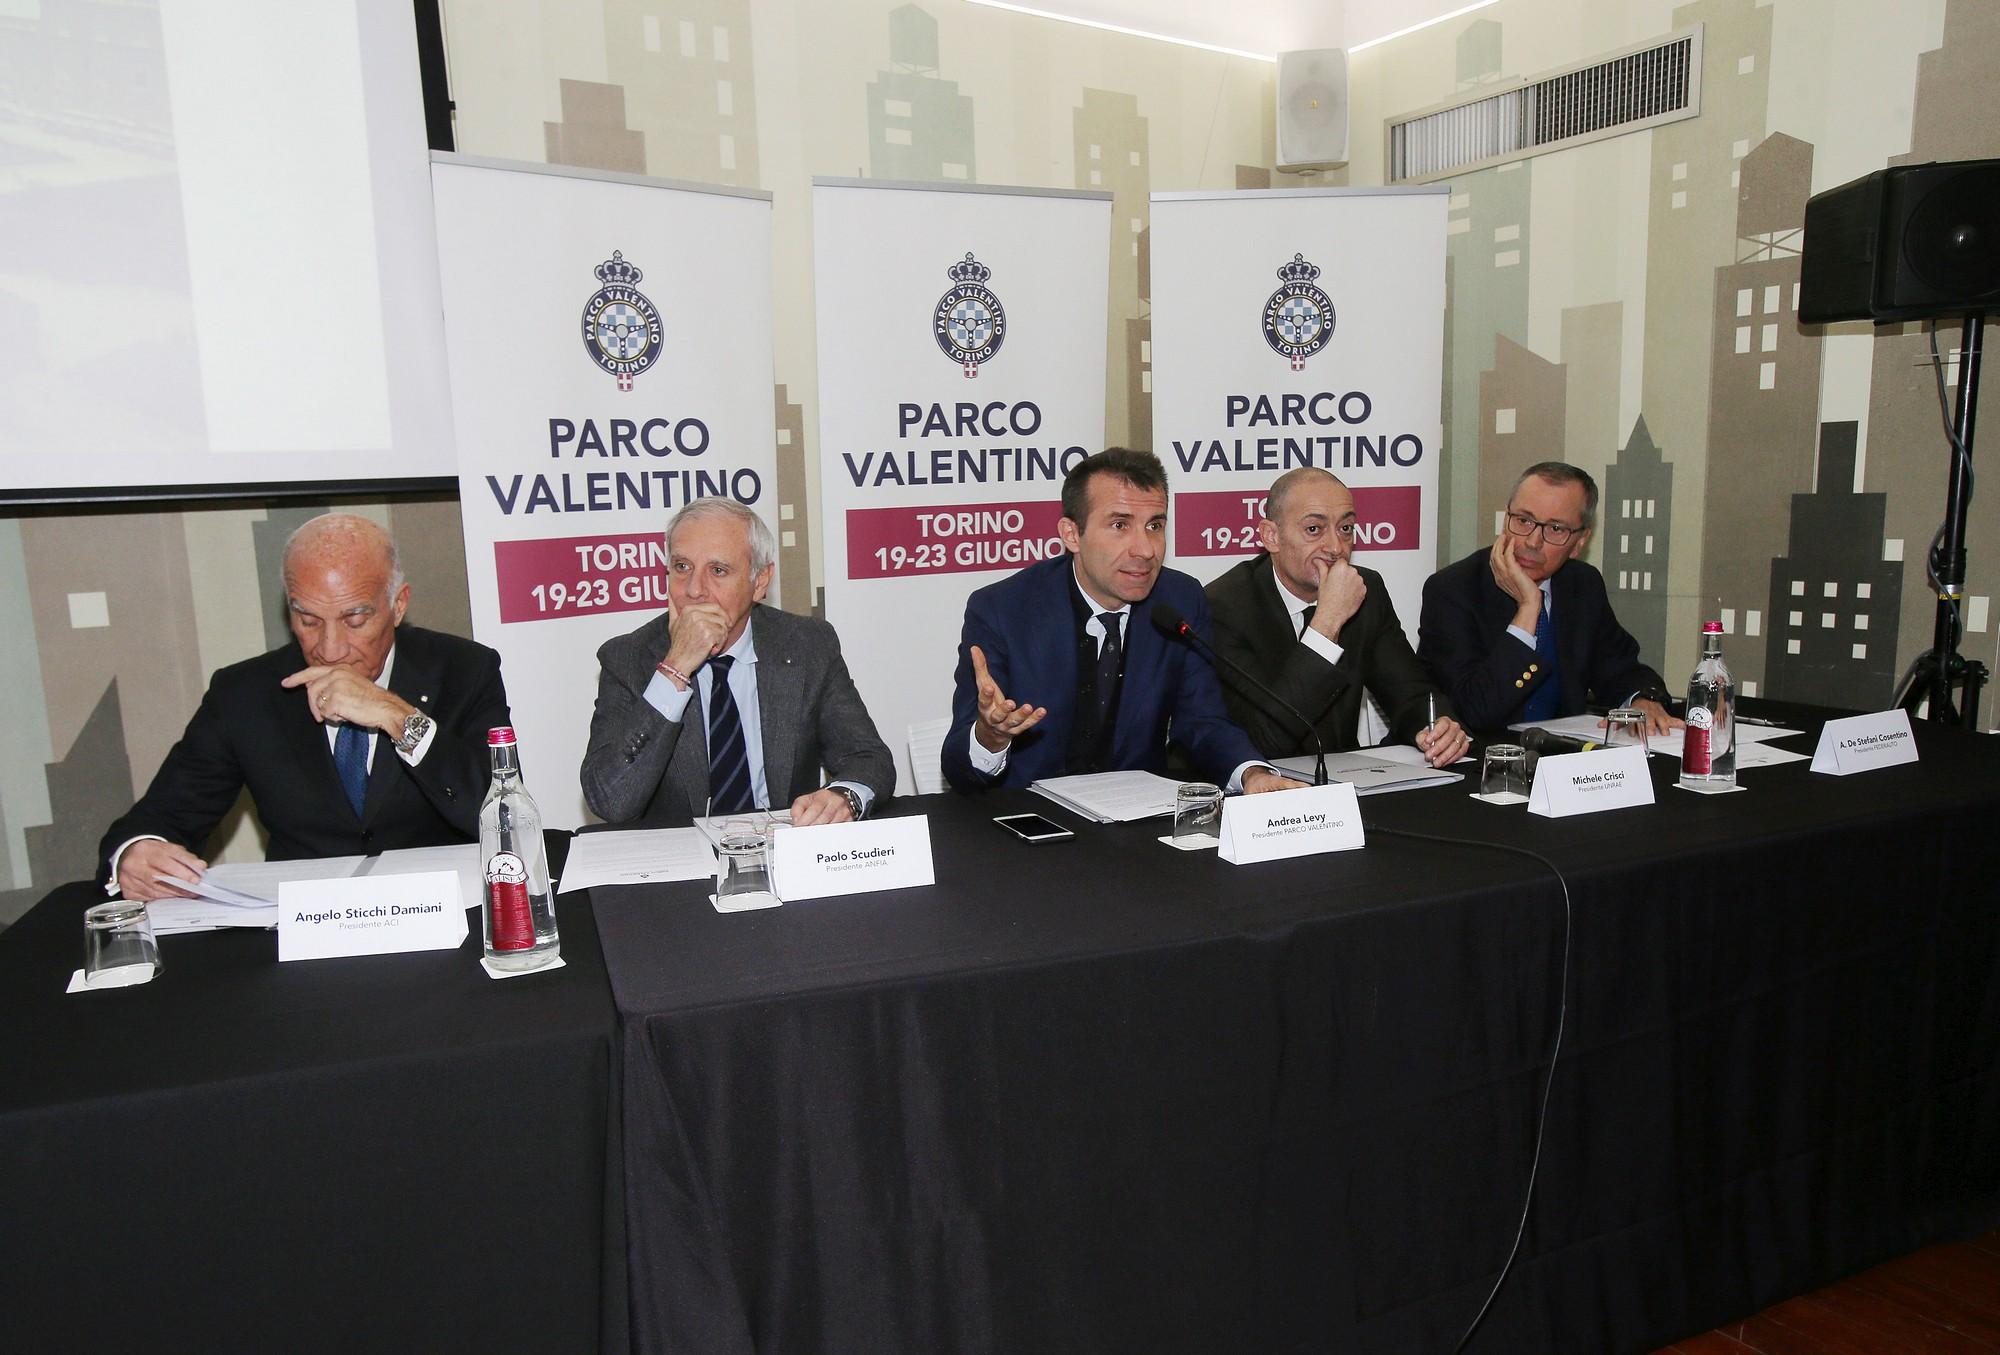 Salone dell'Auto di Torino, Parco Valentino 2019: la tavola rotonda sul futuro dell'auto tra bonus e malus